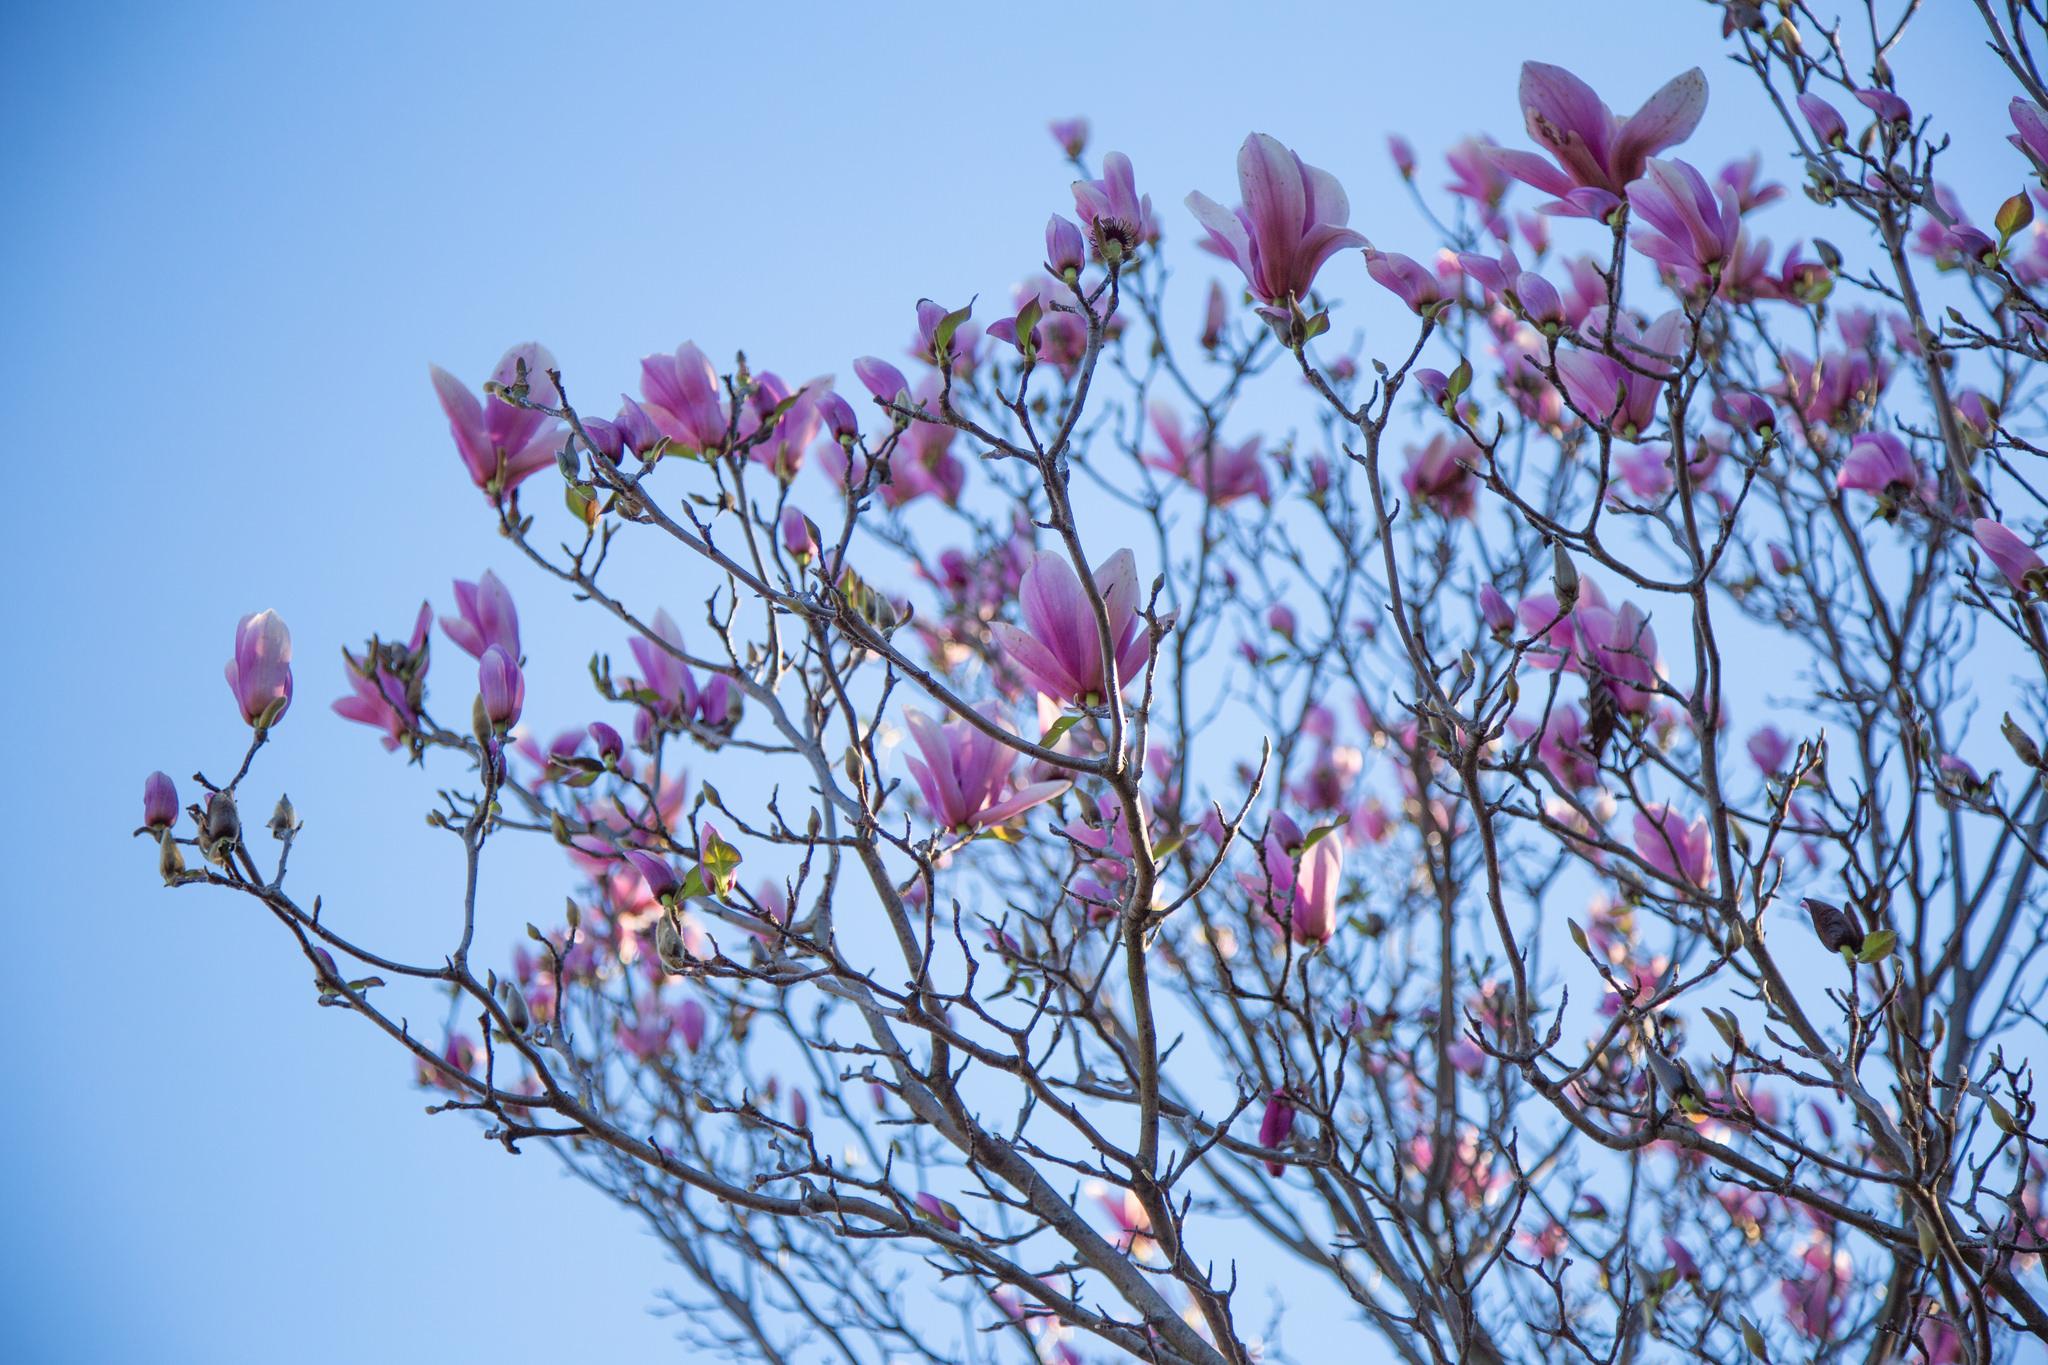 Magnolia,Los Angeles County Arboretum